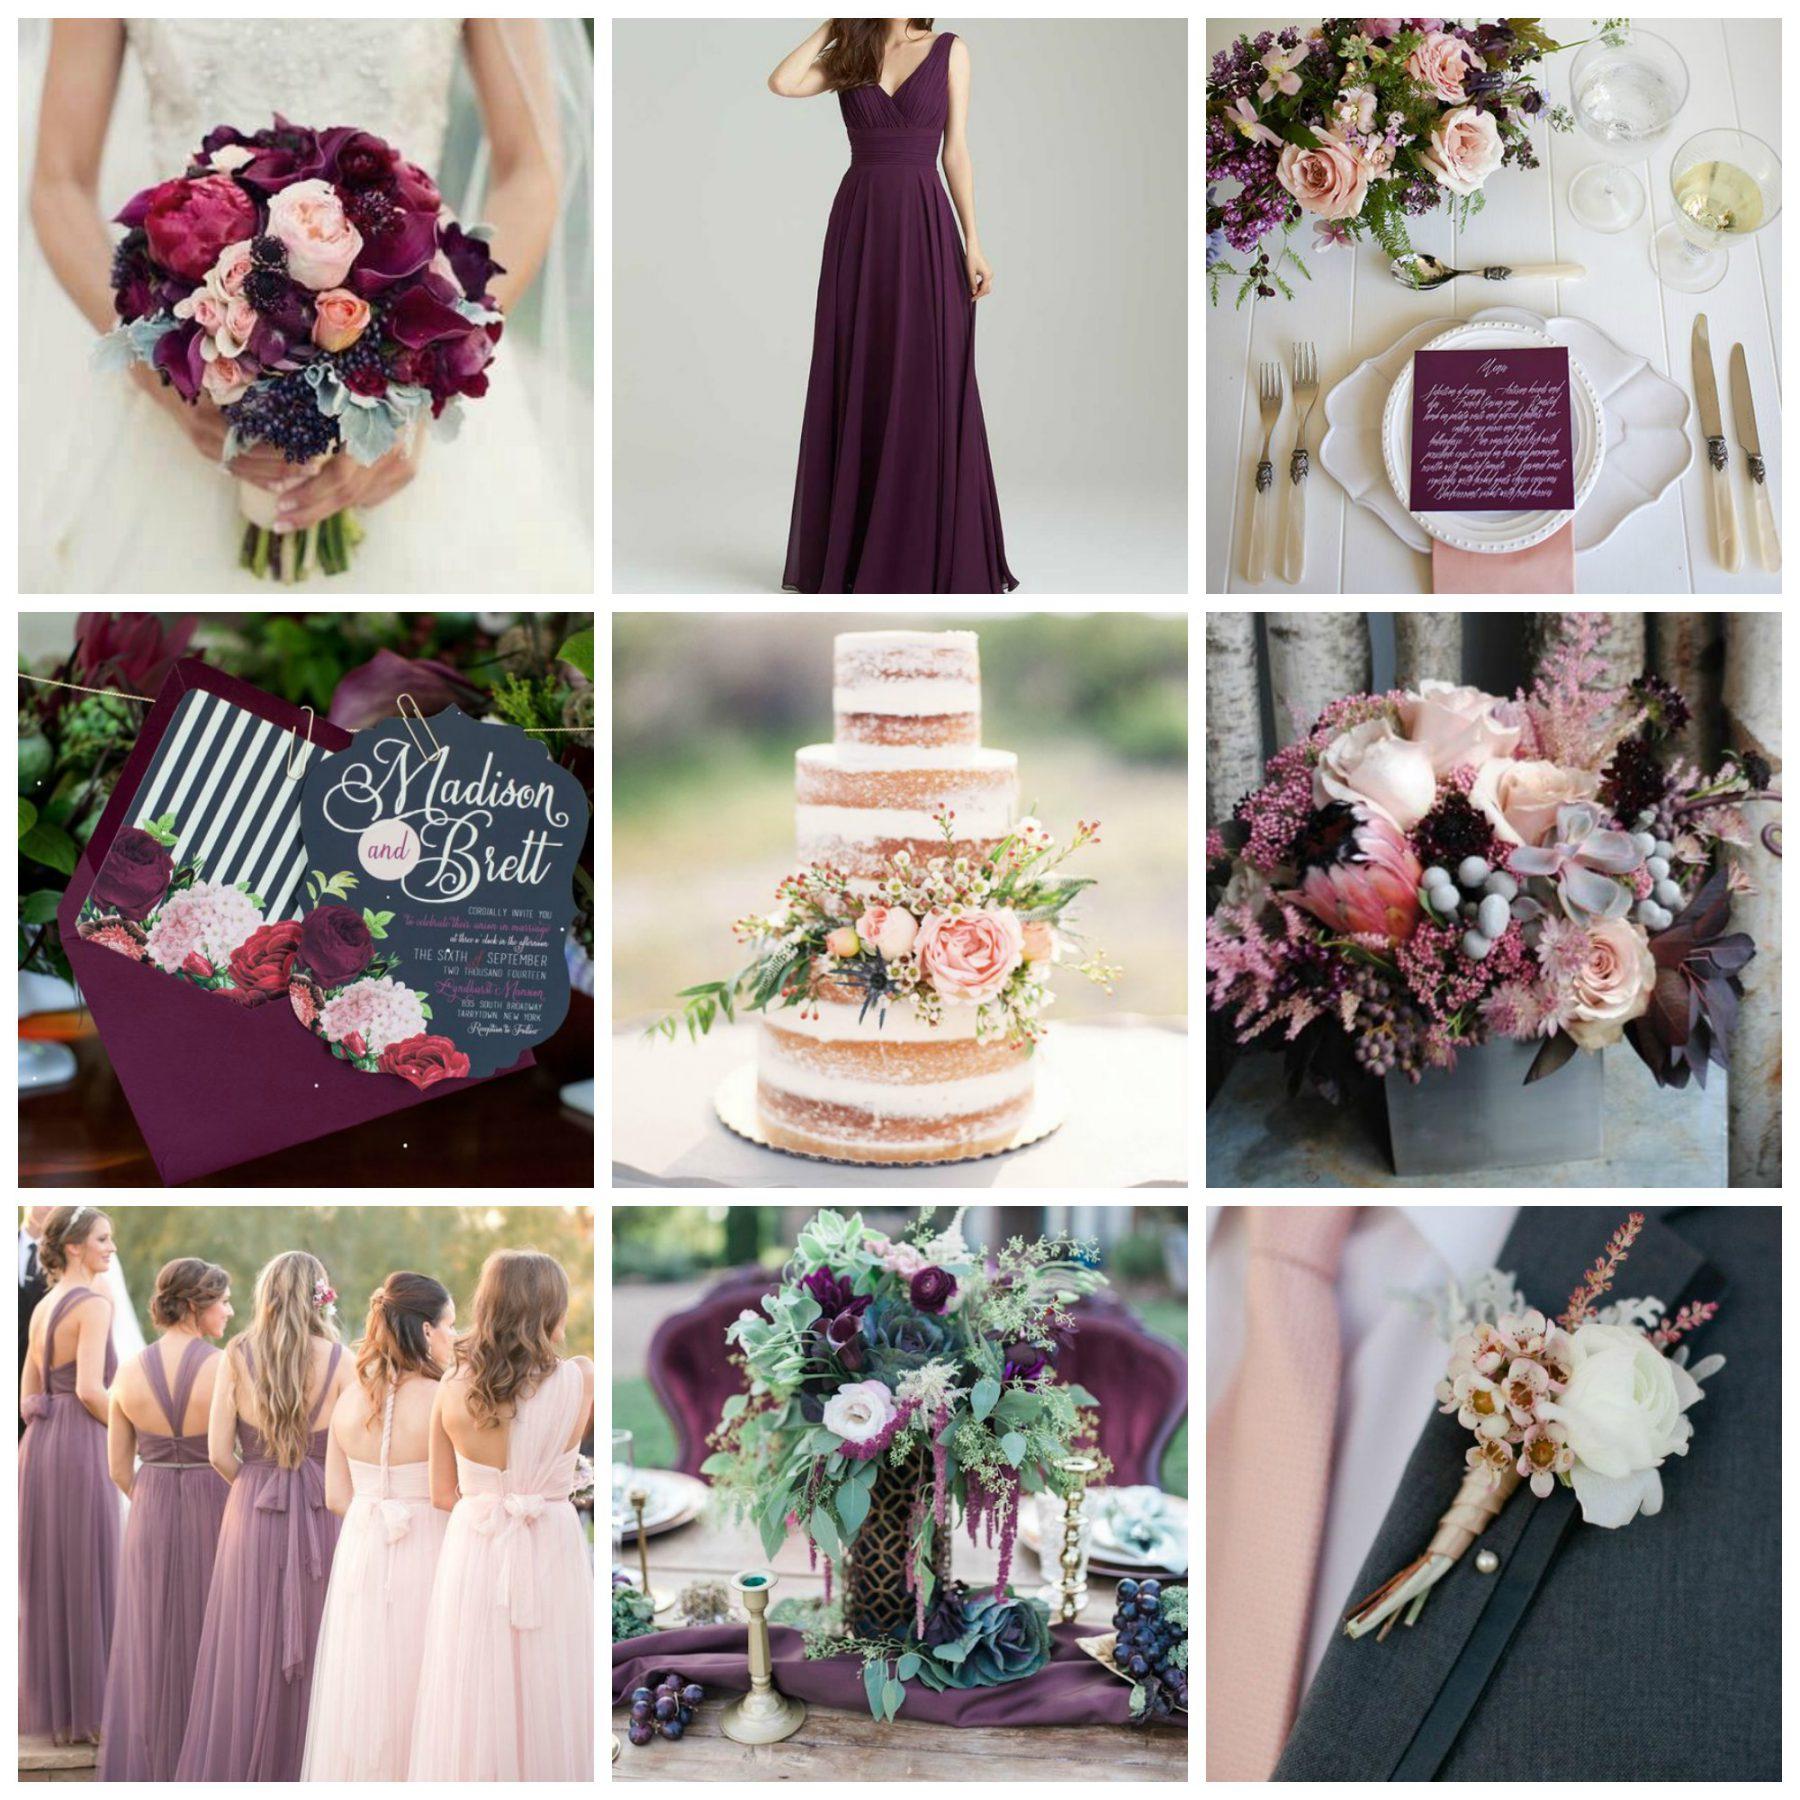 Blush Wedding: Blush & Plum Wedding Inspiration